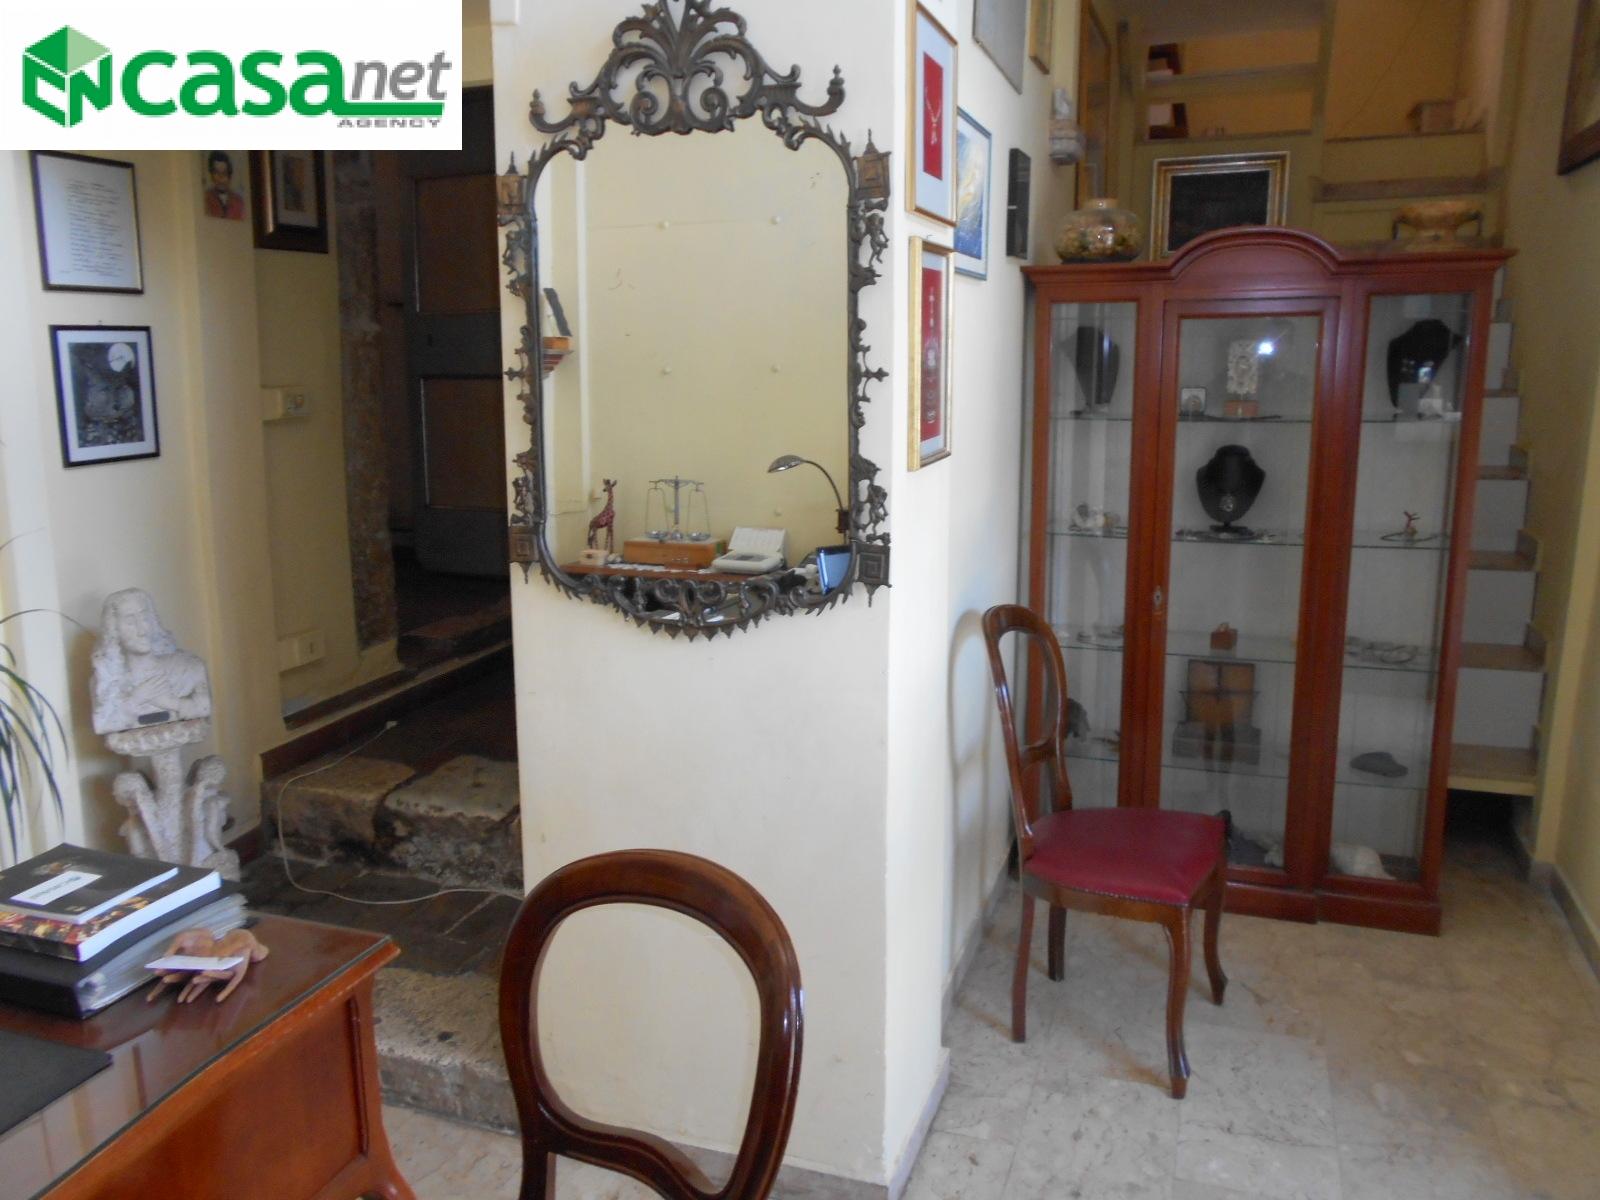 Negozio / Locale in vendita a Guidonia Montecelio, 9999 locali, zona Zona: Montecelio, prezzo € 160.000 | Cambio Casa.it